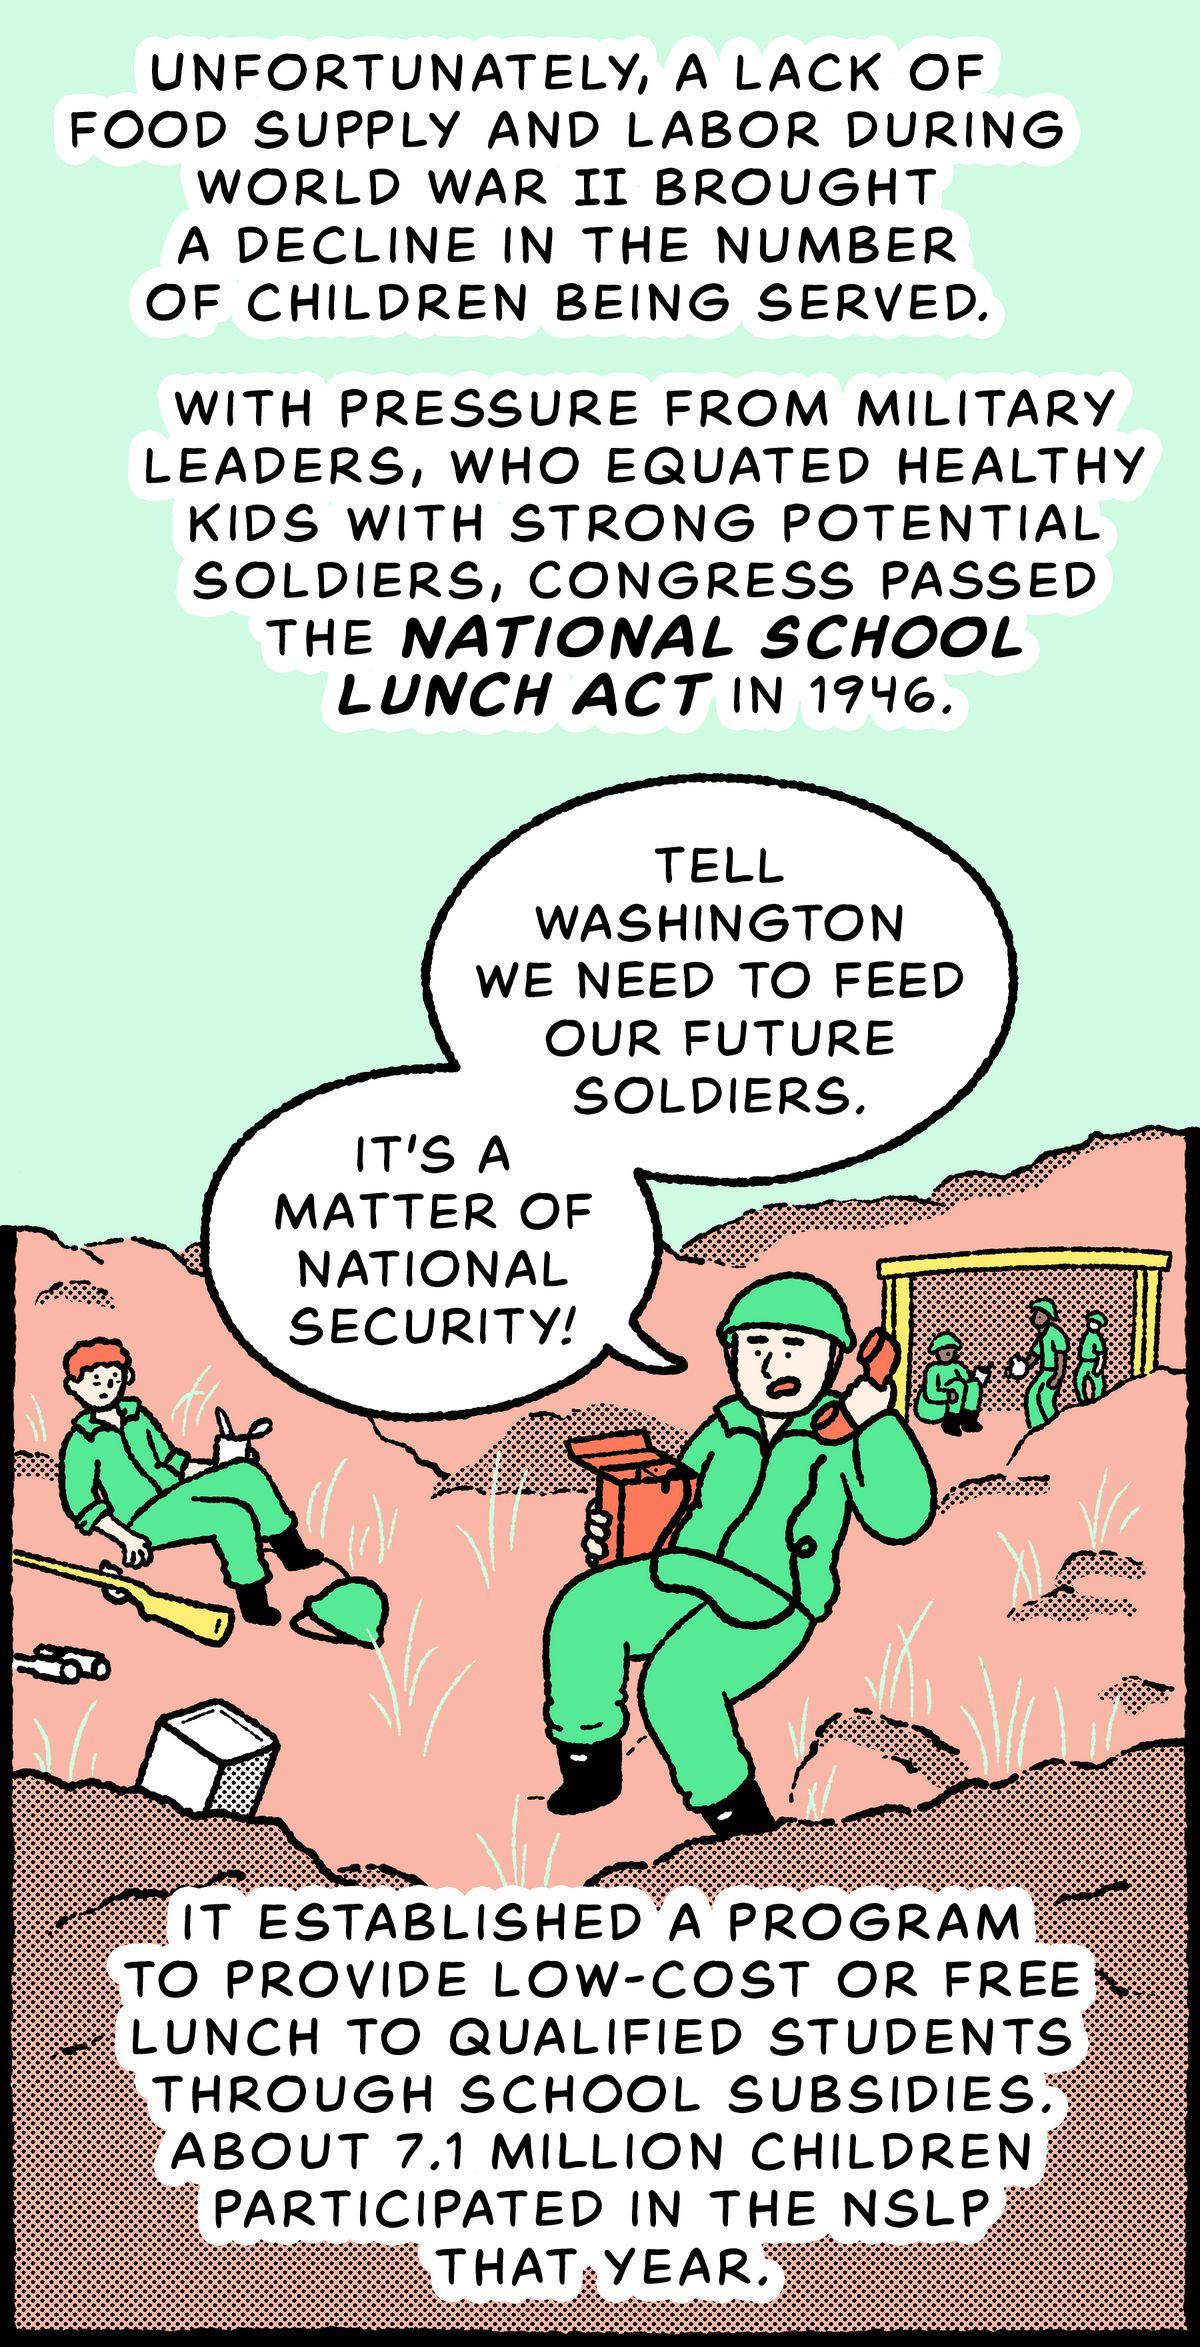 Scène de guerre de la Seconde Guerre mondiale, où un général est au téléphone de campagne: sous la pression des chefs militaires, qui assimilaient les enfants en bonne santé à des soldats à fort potentiel, le Congrès a adopté la National School Lunch Act en 1946. Il a établi un programme pour fournir un déjeuner à faible coût ou gratuit aux étudiants qualifiés par le biais de subventions scolaires.  Environ 7,1 millions d'enfants ont participé au NSLP cette année-là.  Général : Dites à Washington que nous devons nourrir nos futurs soldats.  C'est une question de sécurité nationale !